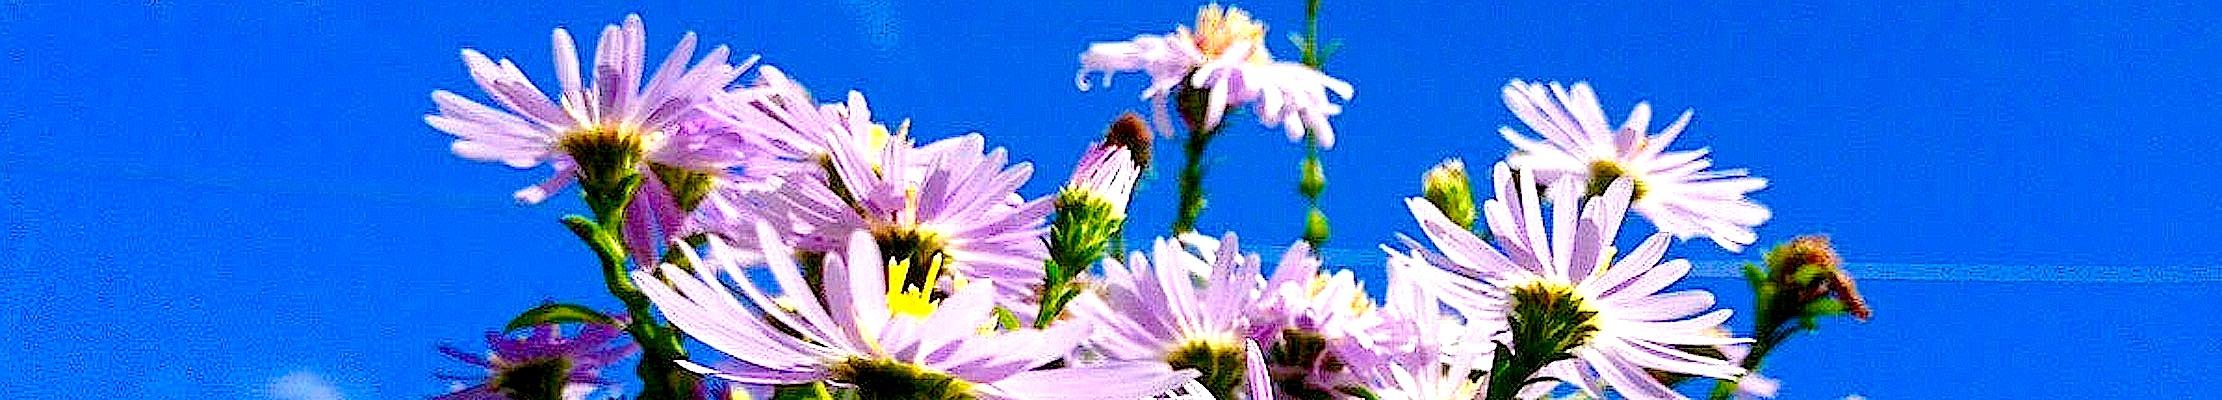 Весеннее цветение астр для преподобного Адриана Монзенского.